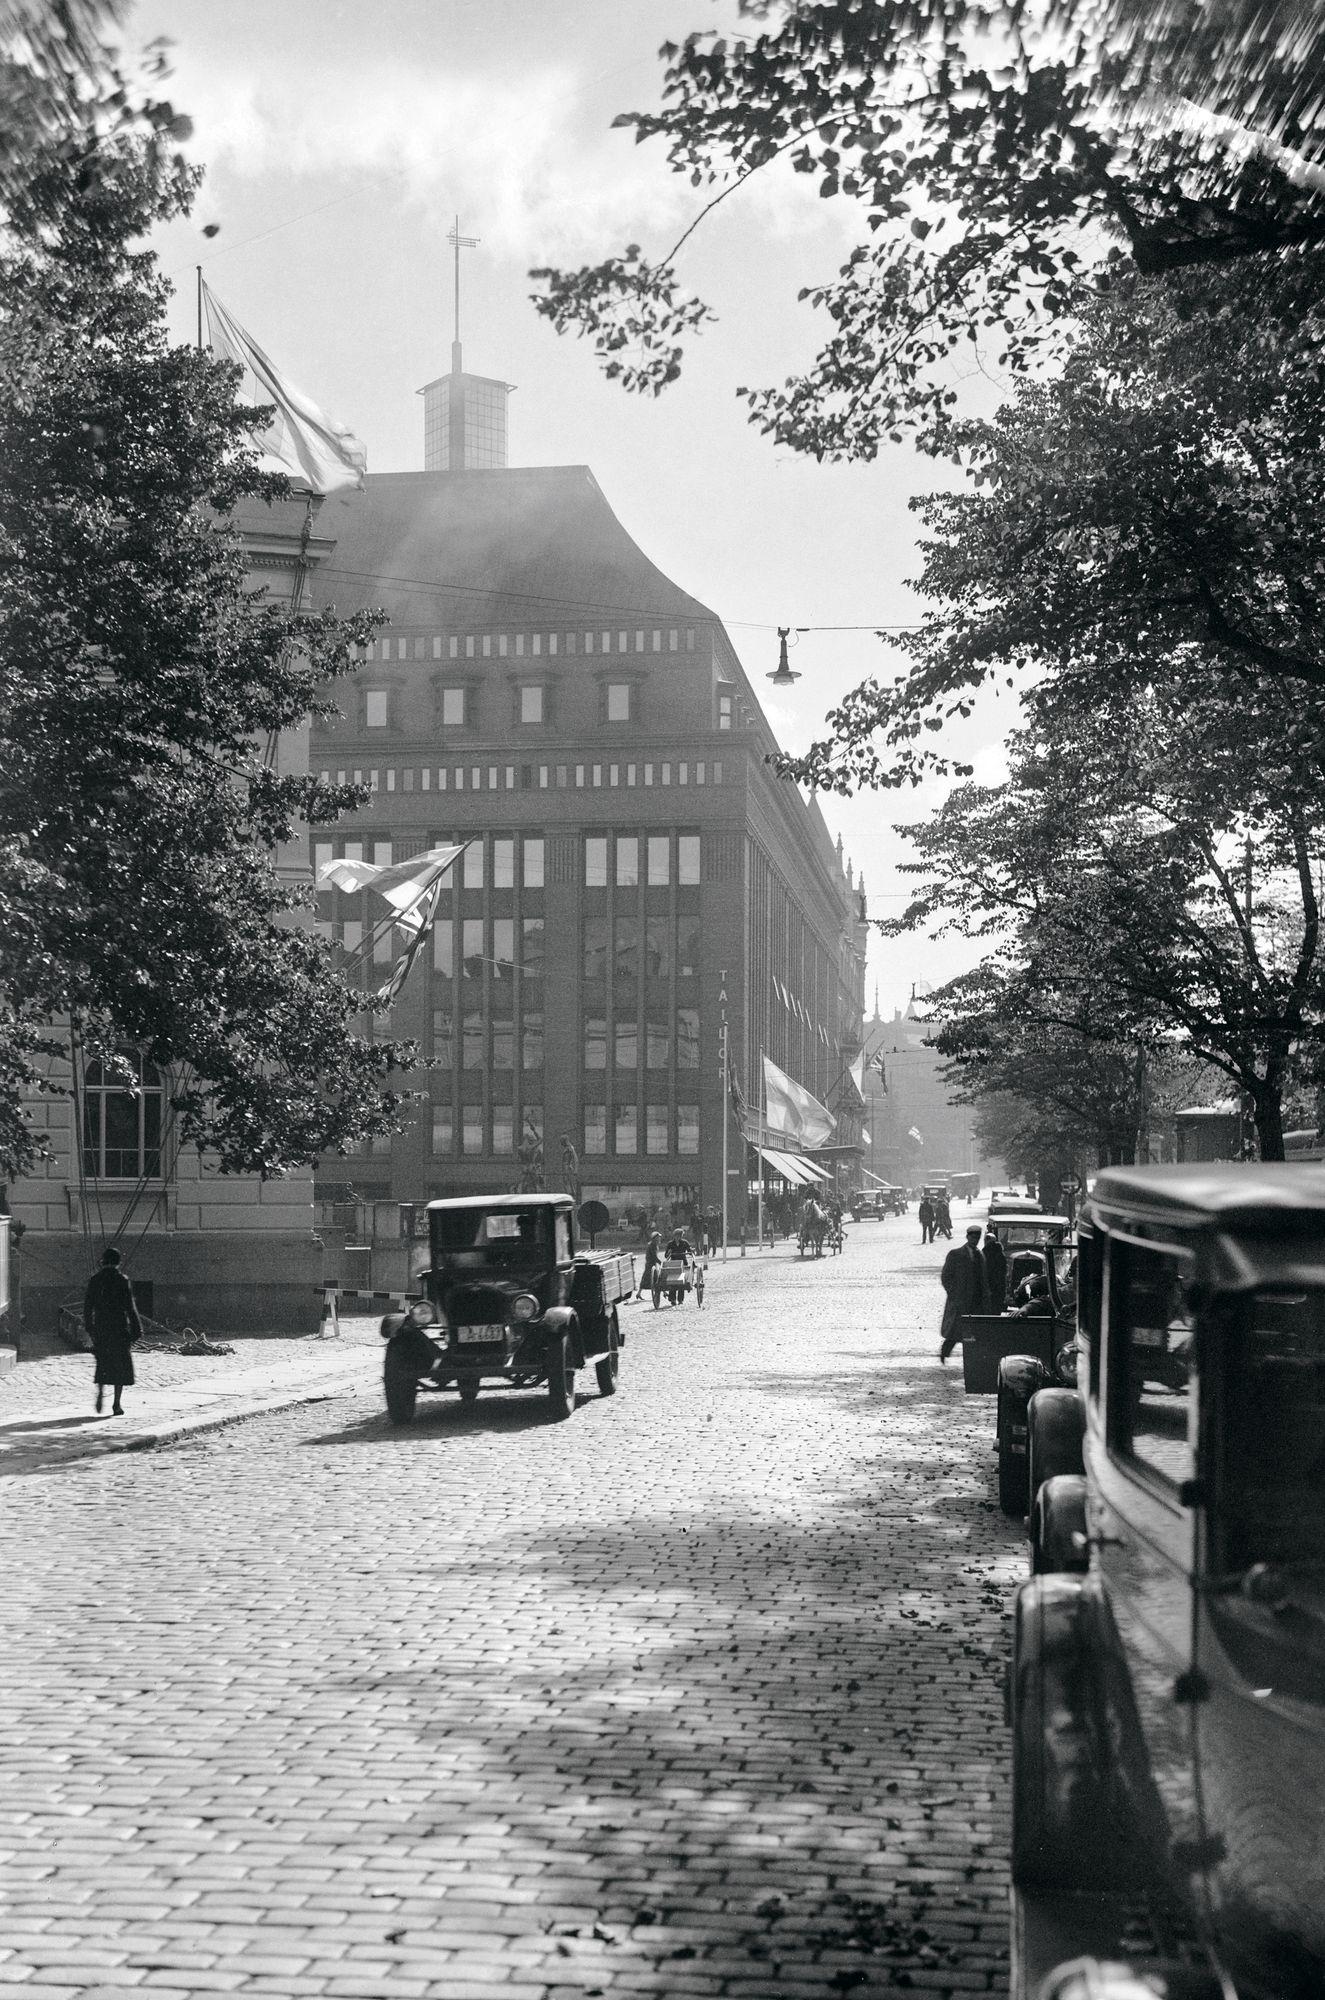 1930-luvulla pääkaupunkia halkovan Heikinkadun (nykyisen Mannerheimintien) keskikaista oli erotettu puilla – ja parkkipaikkoja riitti keskellä arkipäivääkin. © Helsingin kaupunginmuseo